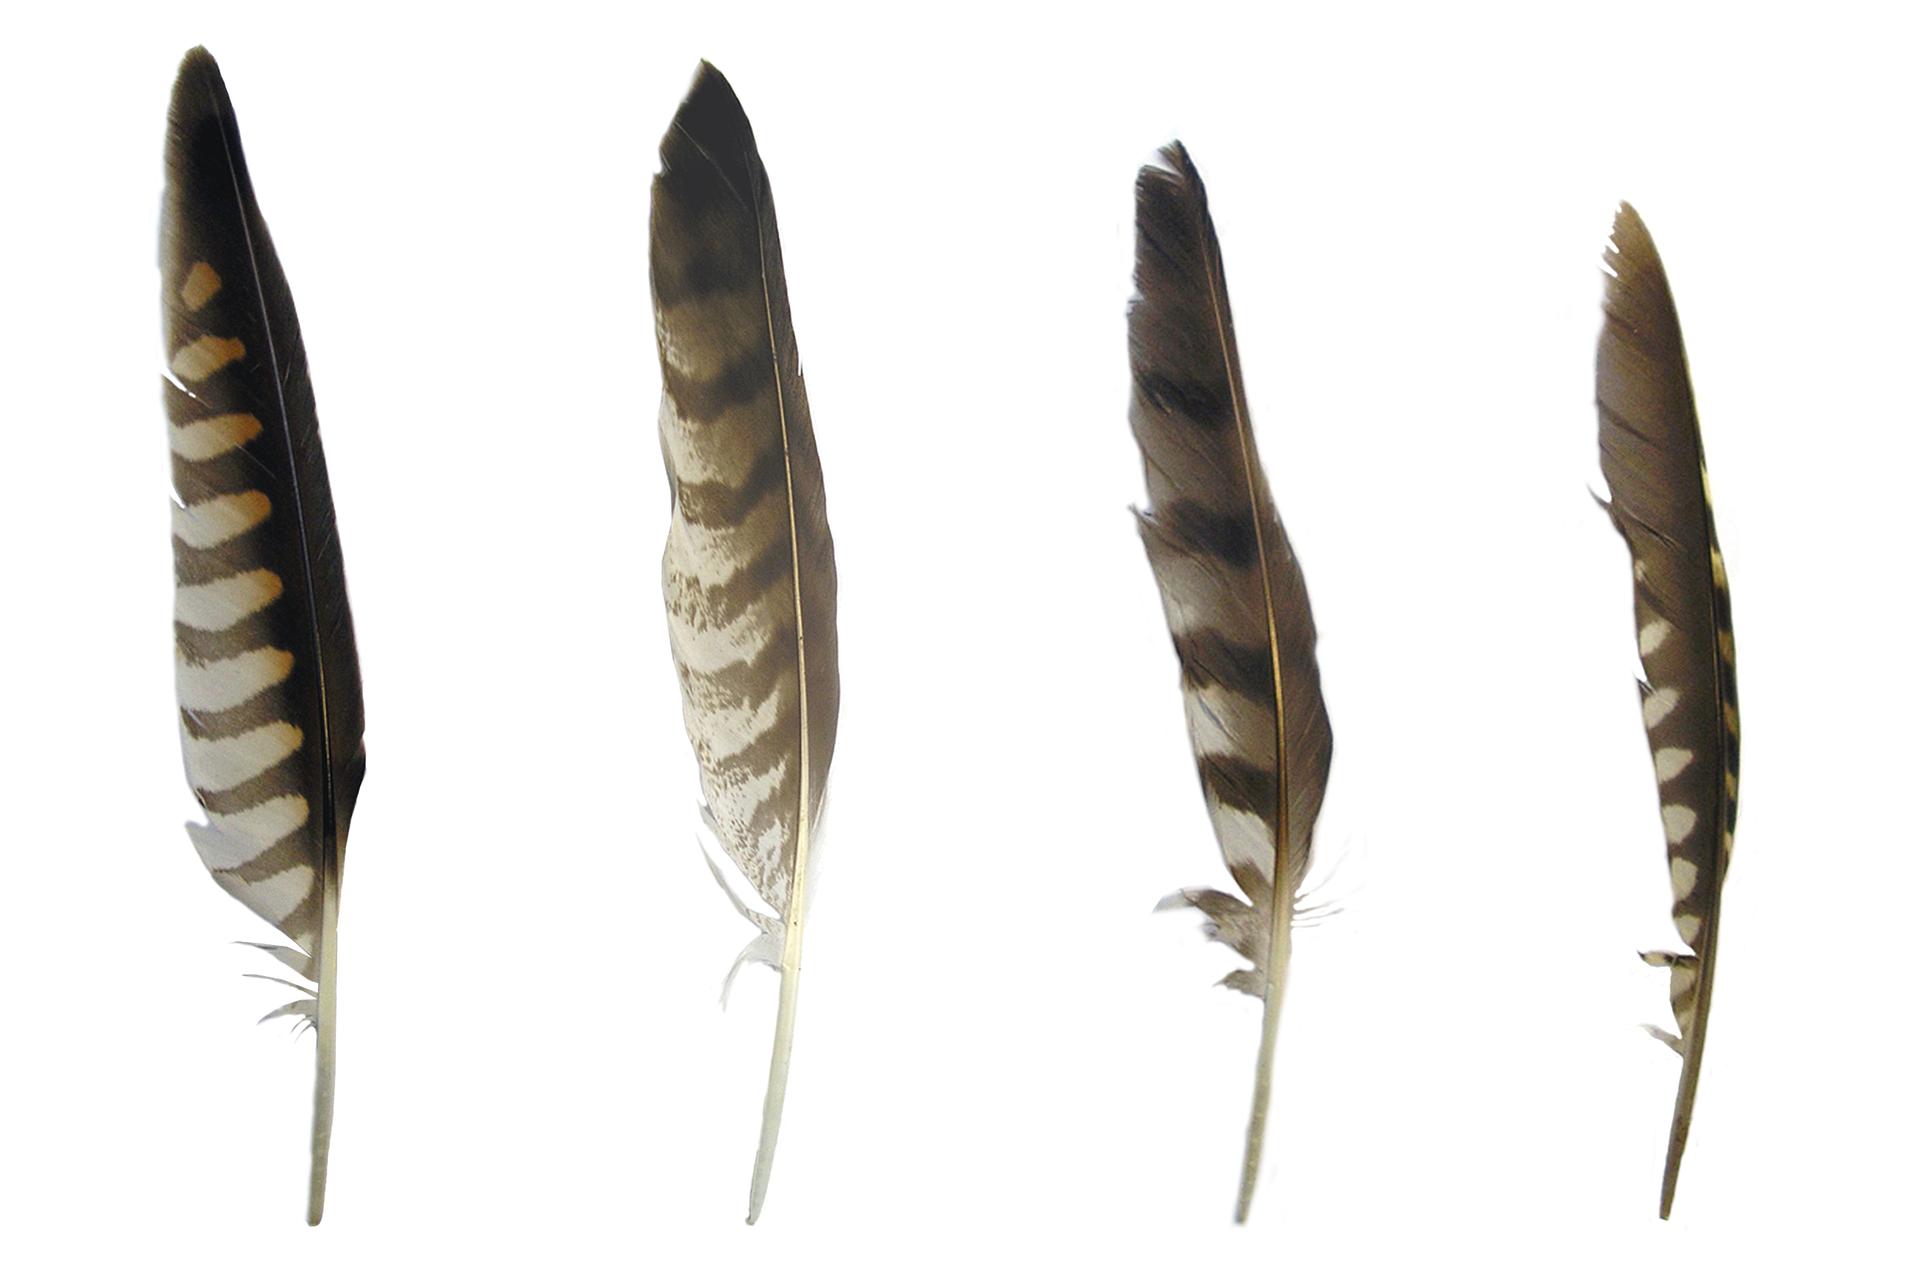 Fotografia przedstawiająca pióra lotki.